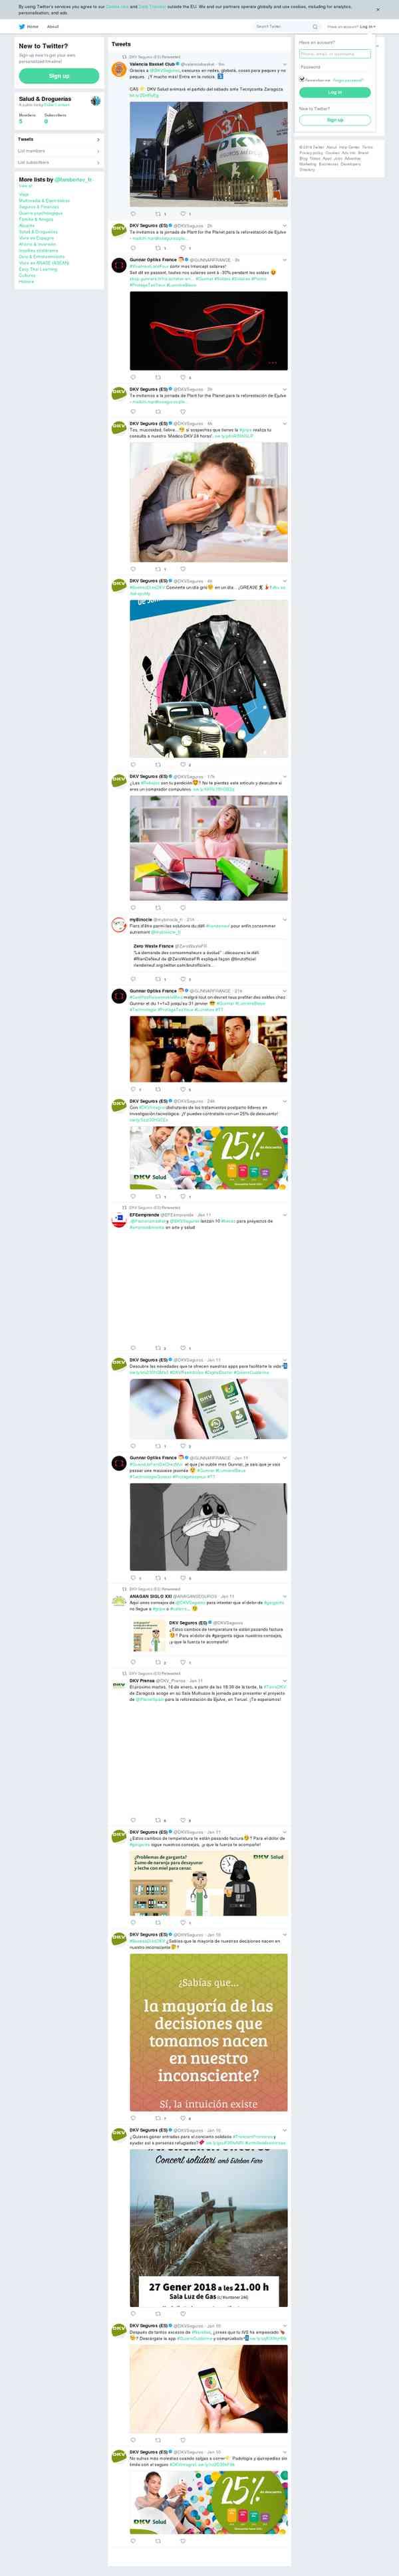 @lambertov_fr/Salud & Droguerías on Twitter